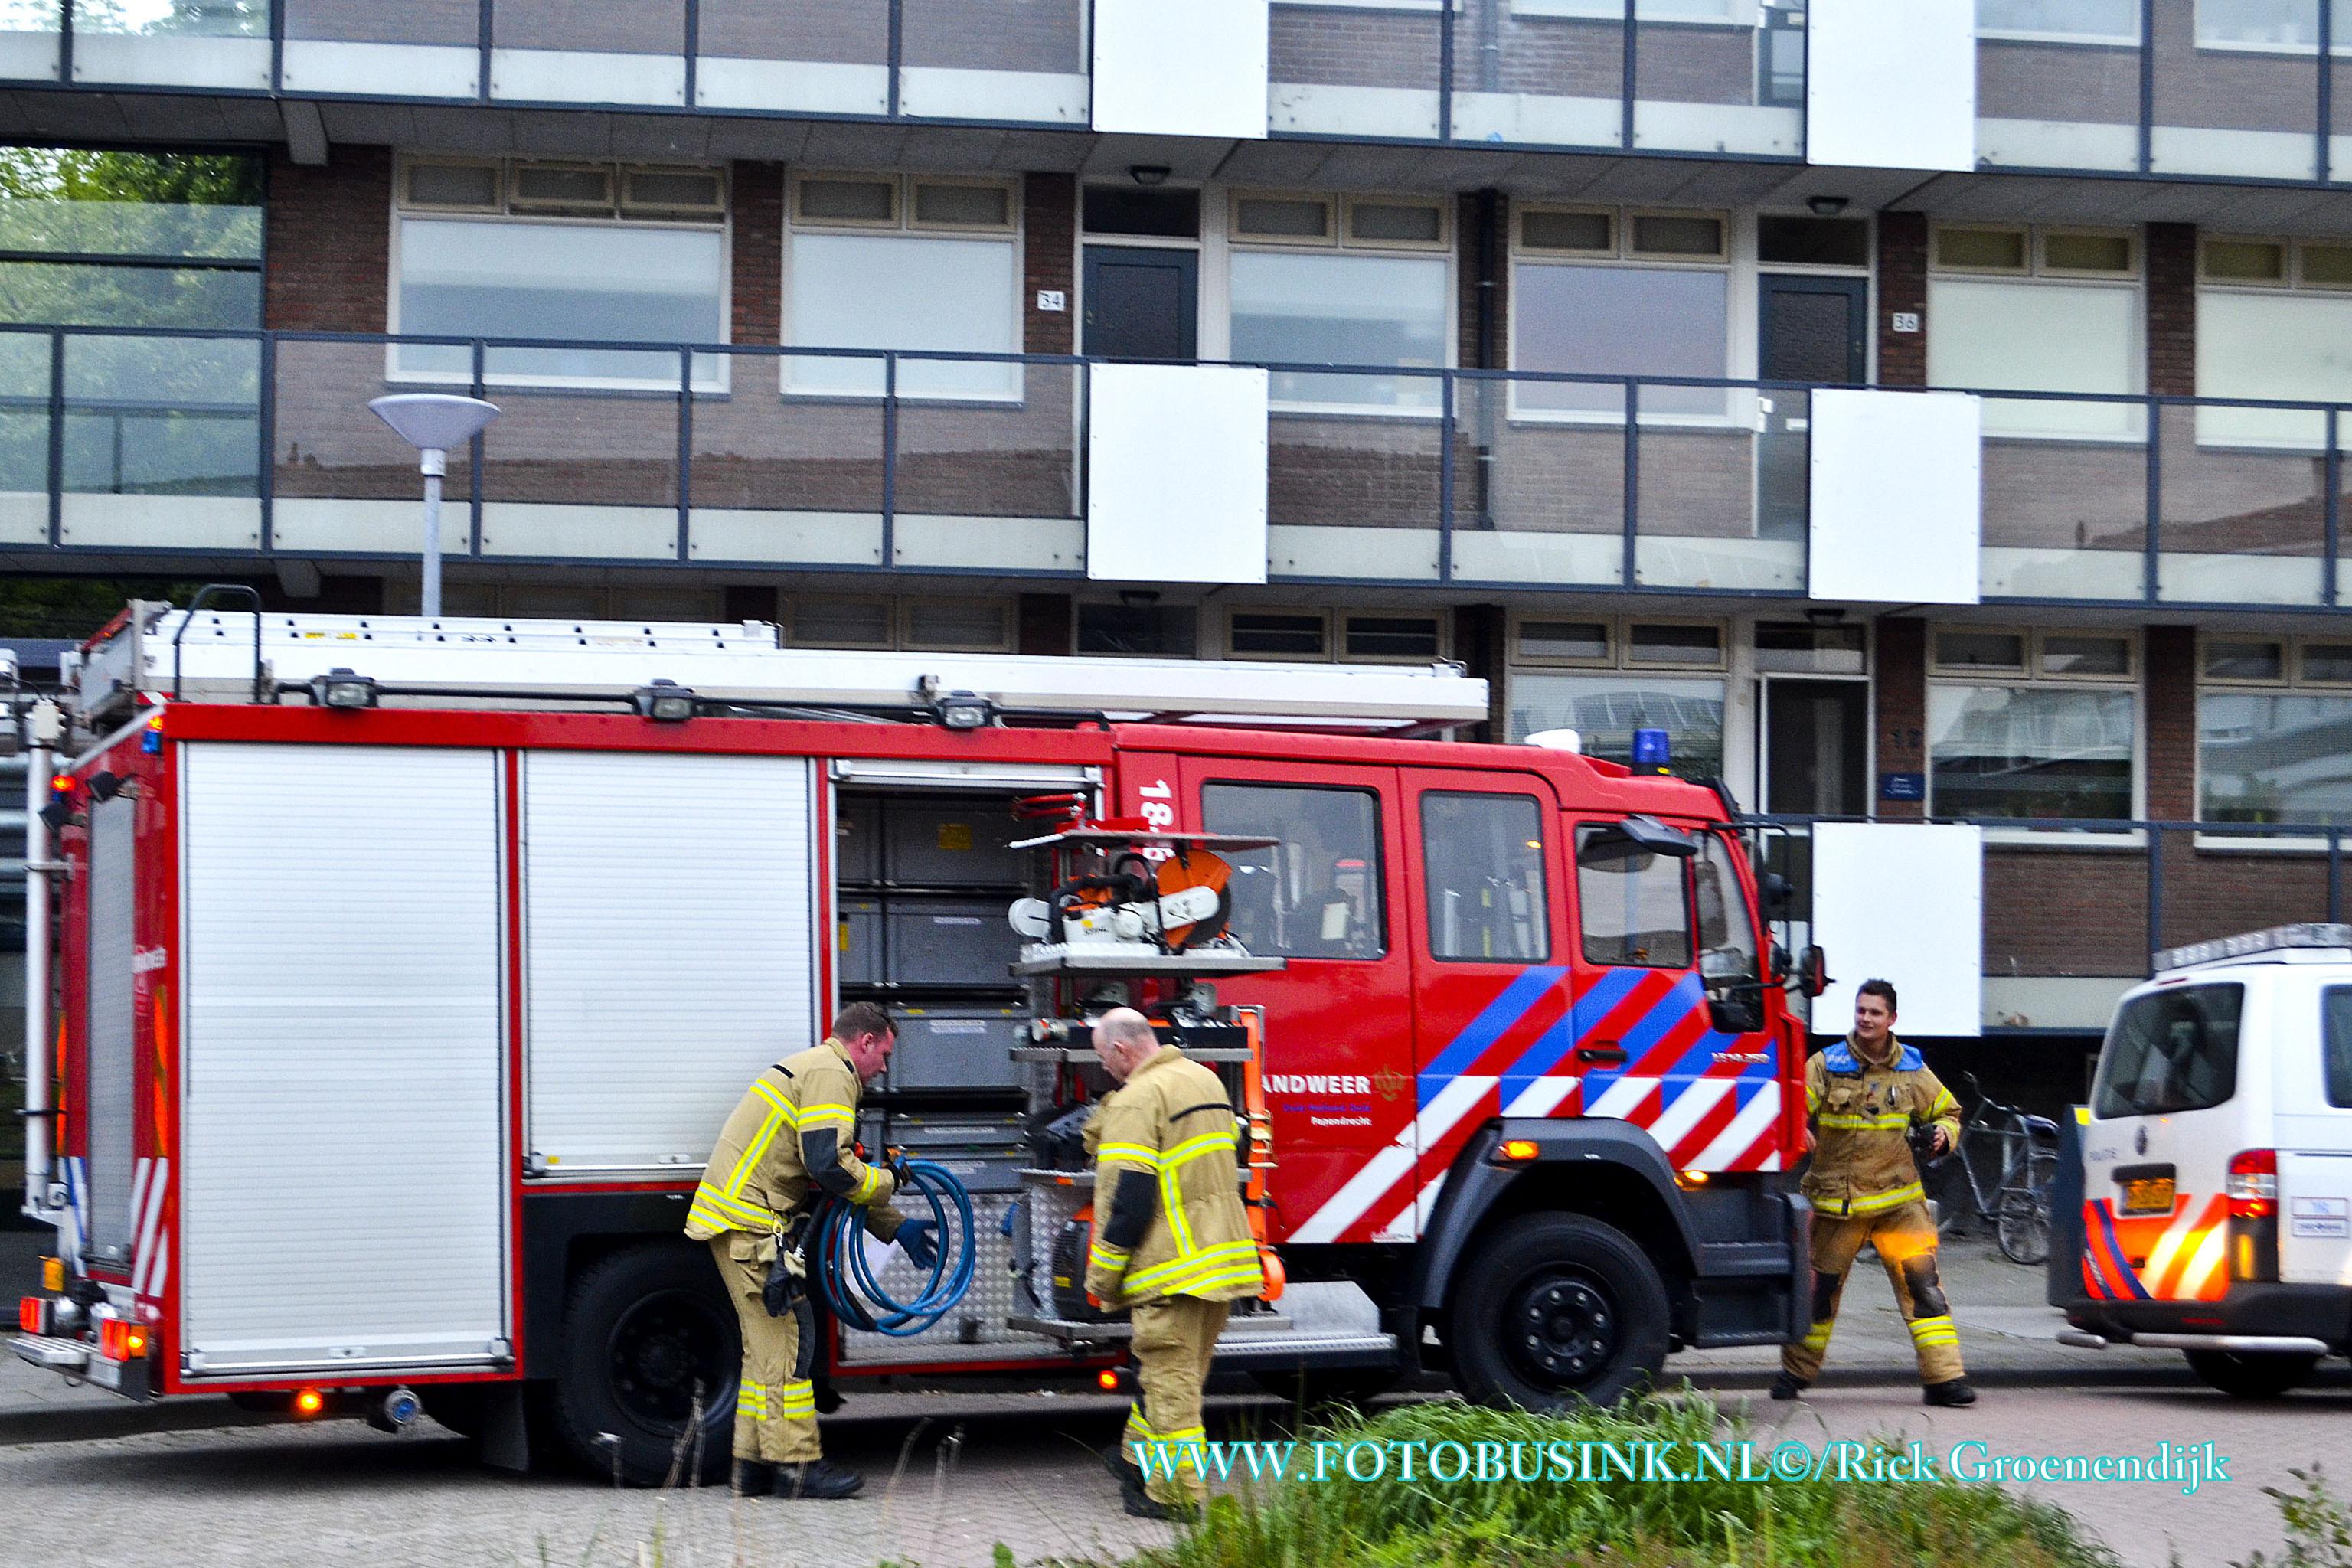 Politie roept assistentie van de brandweer Papendrecht voor een gestolen scooter.